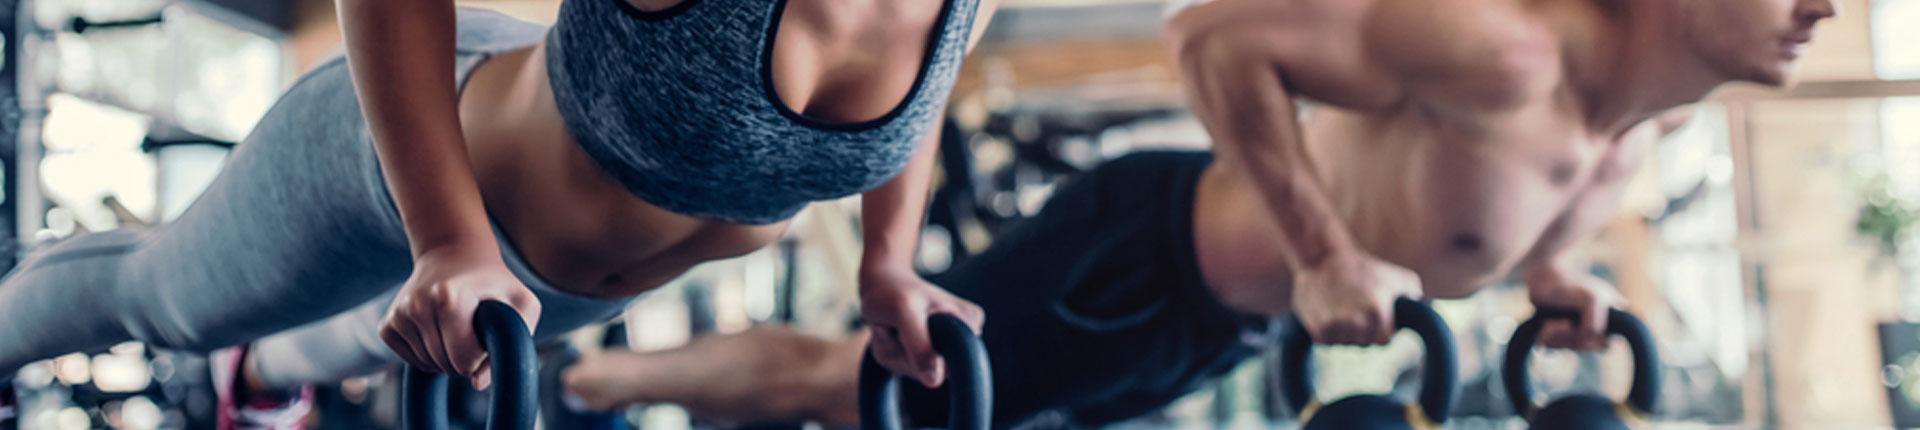 Omega 3, a wzrost mięśni i redukcja tłuszczu